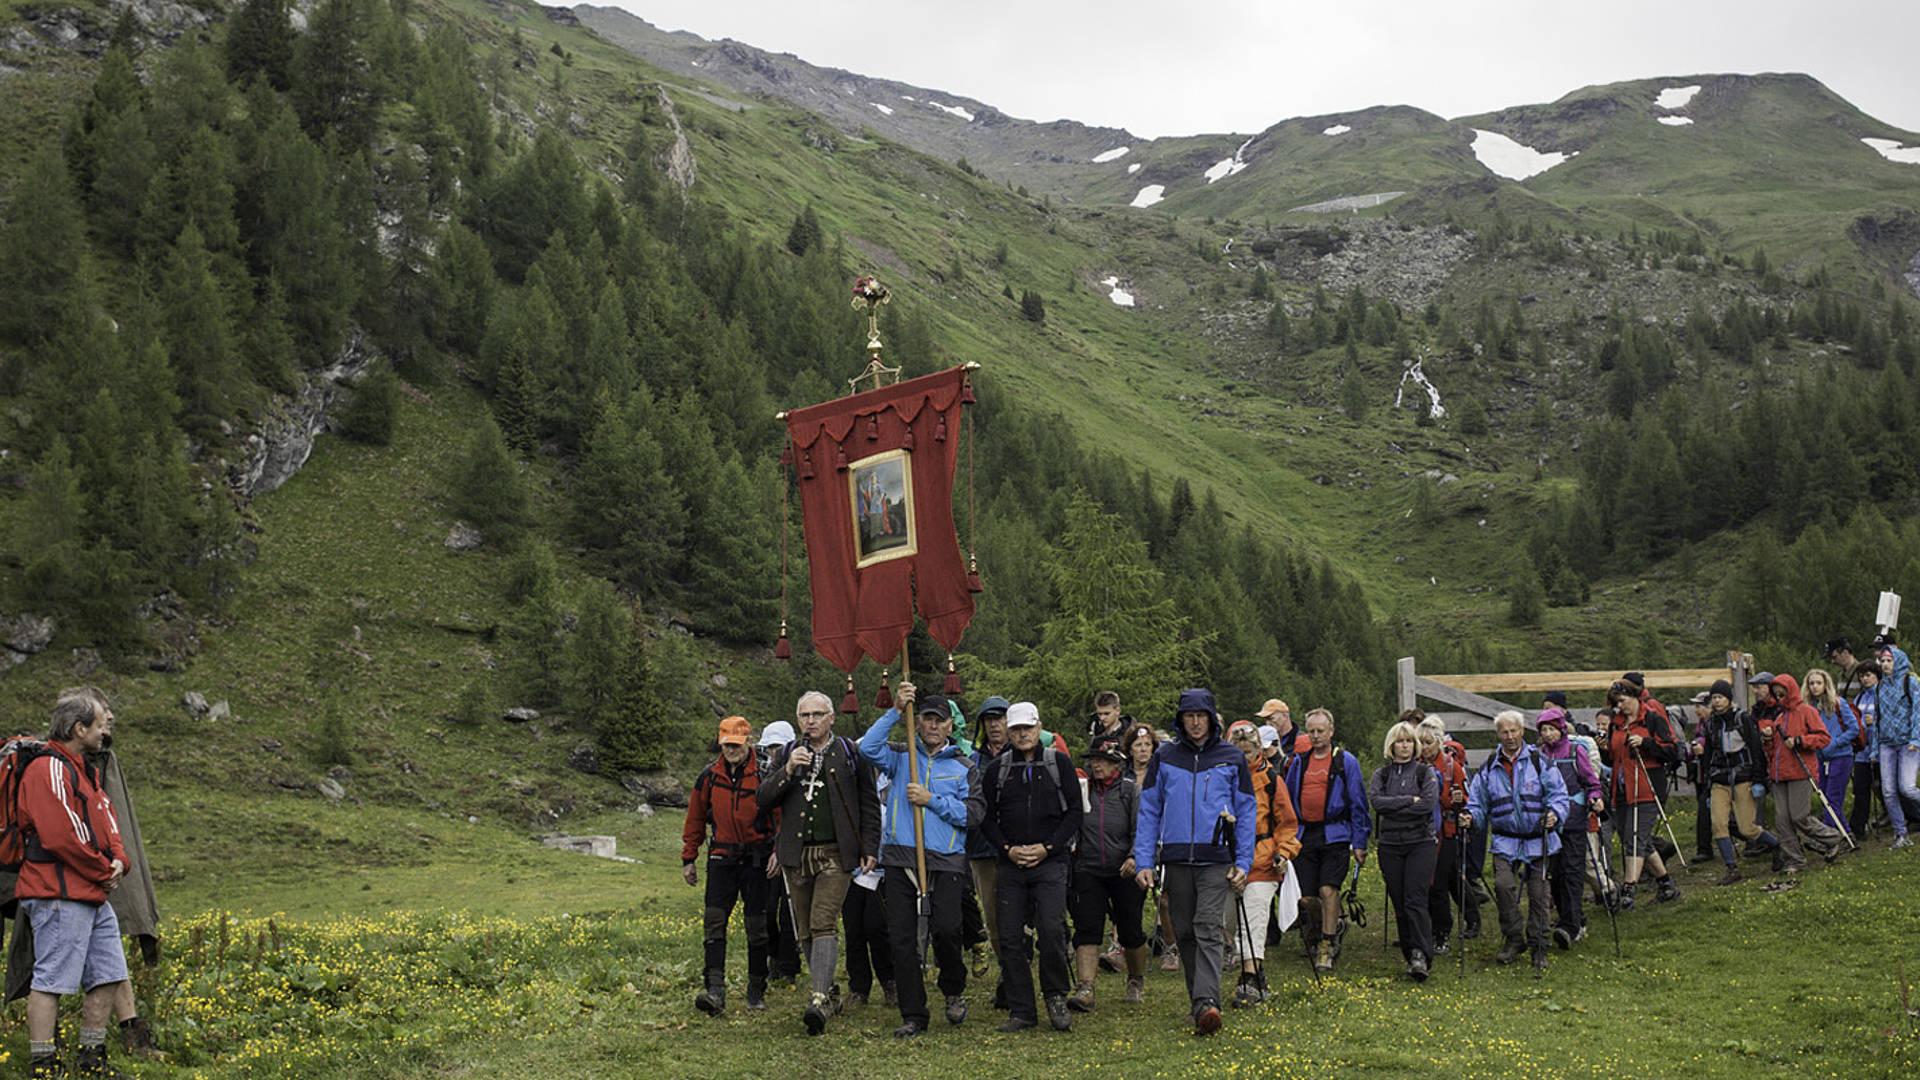 Glocknerwallfahrt - Raurisertal - Urlaub in den